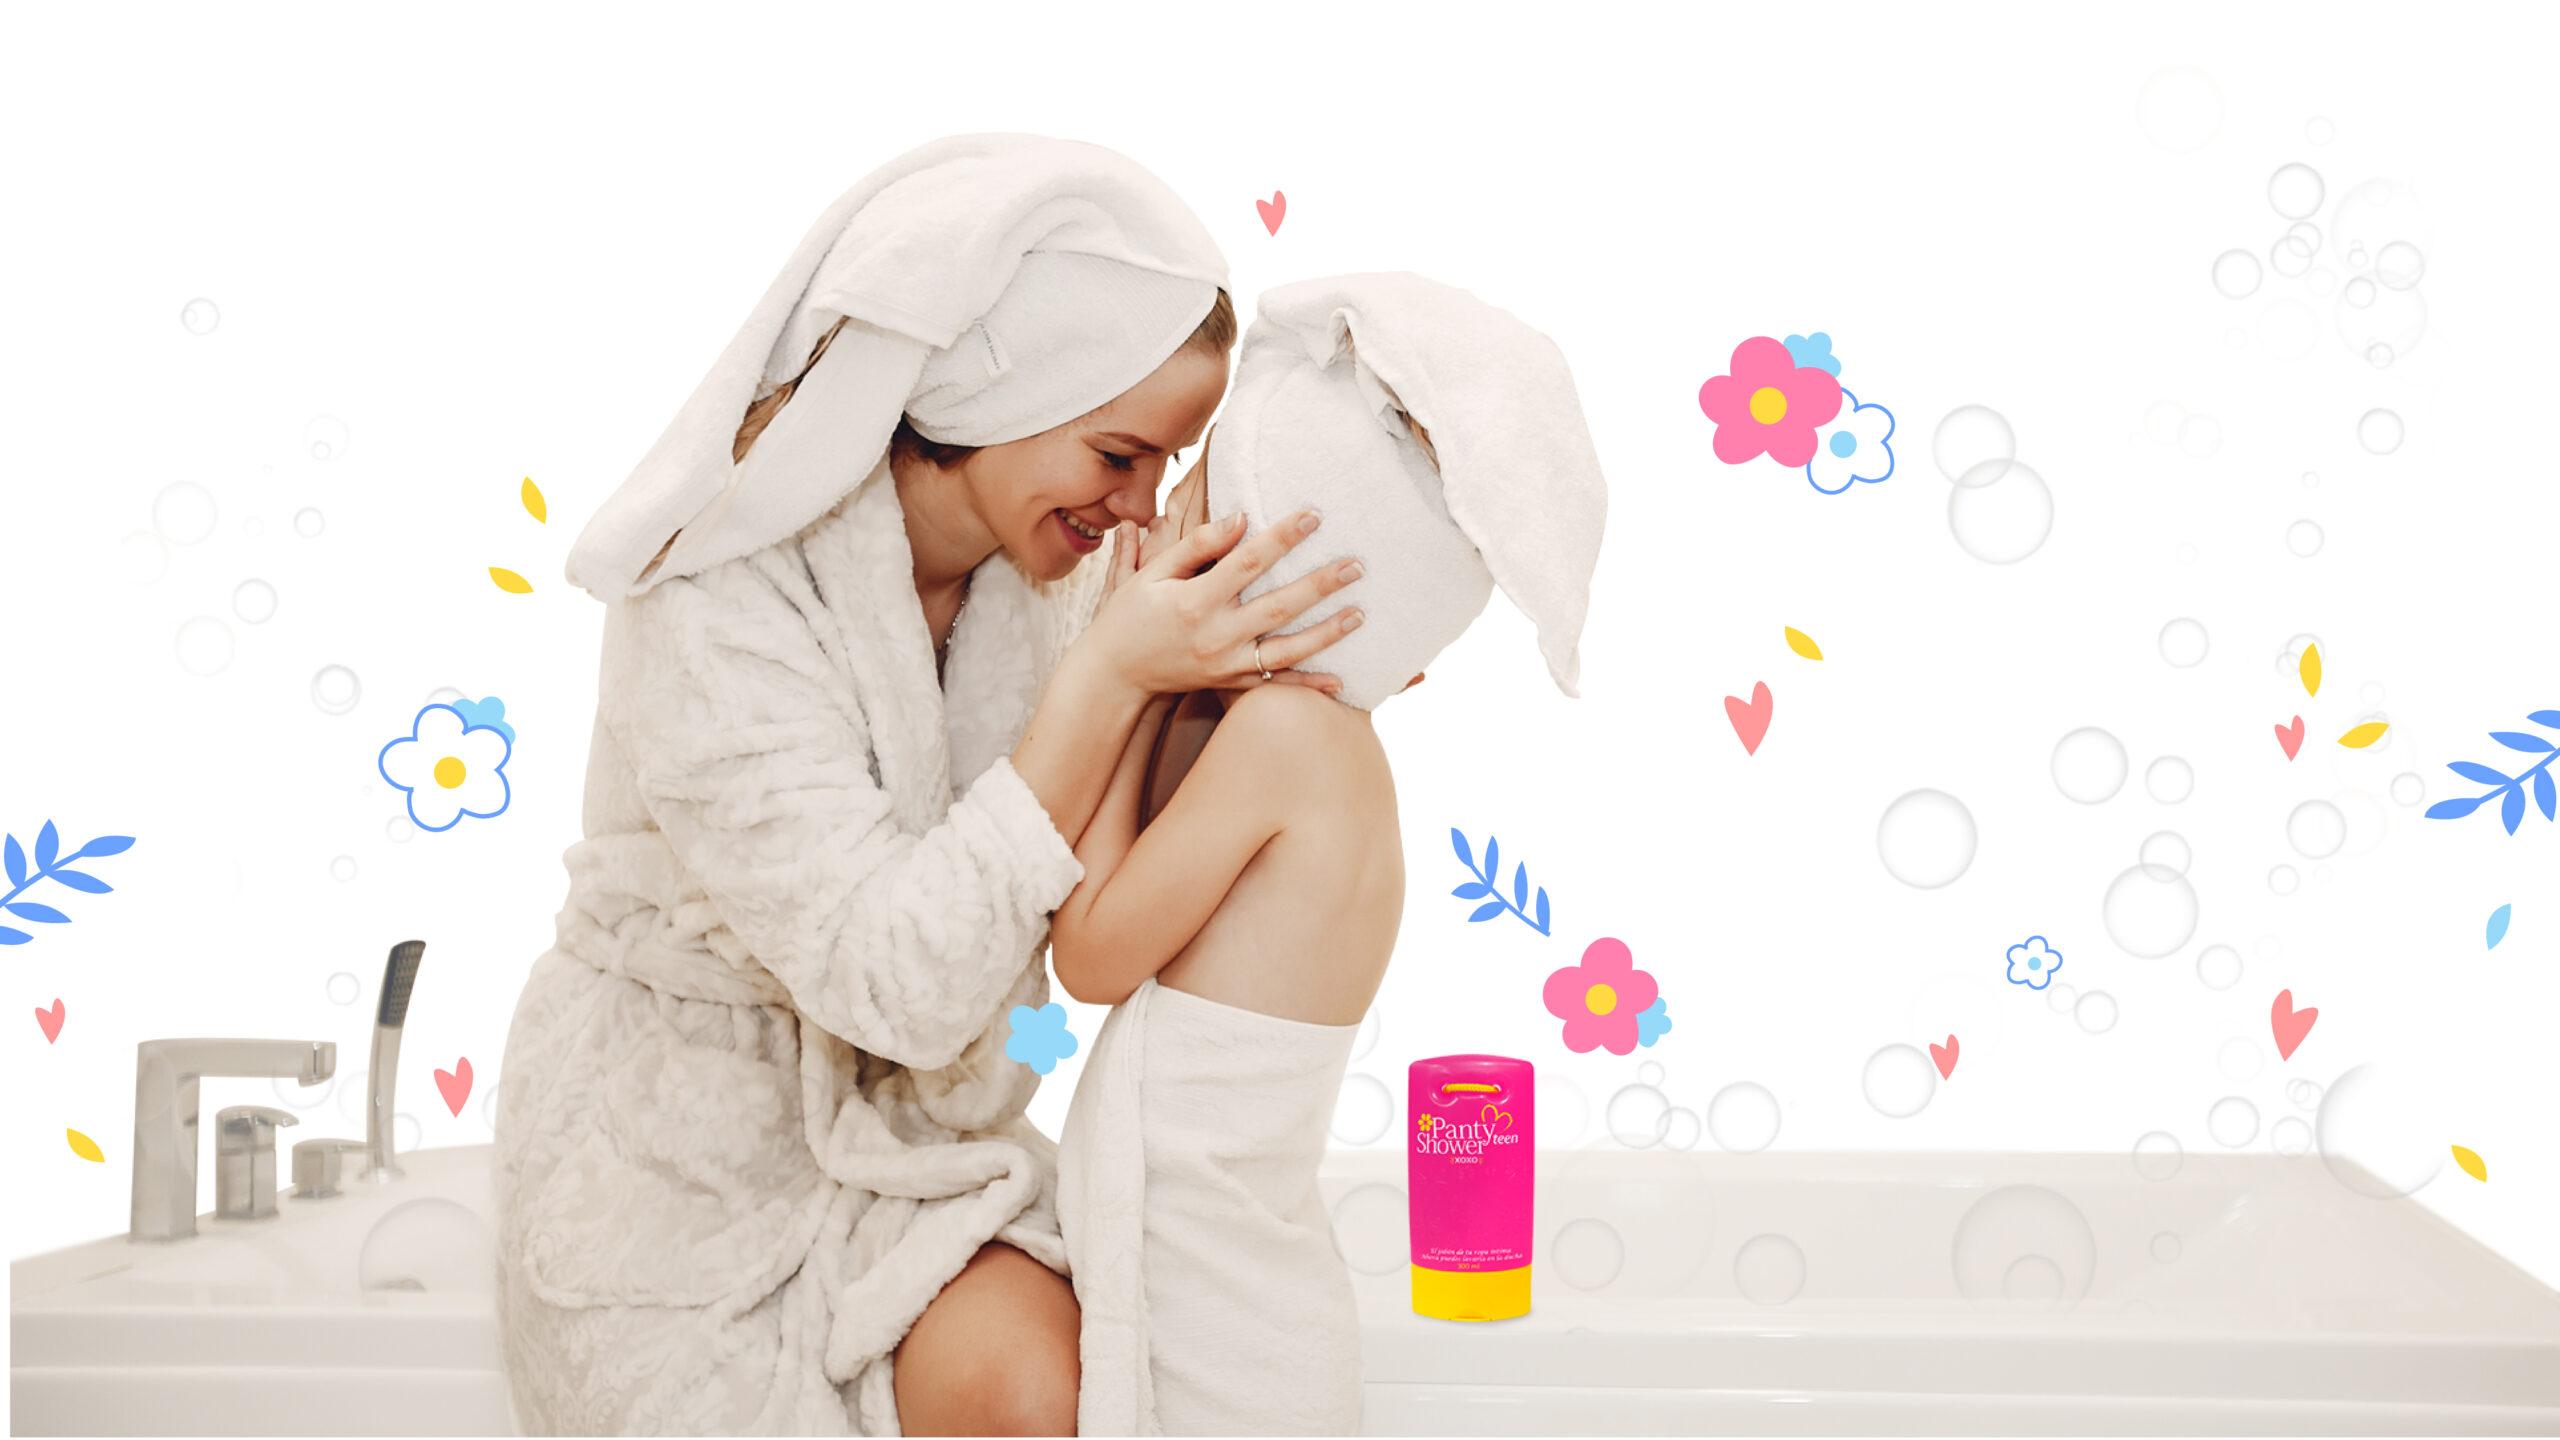 mama e hija salen de la ducha